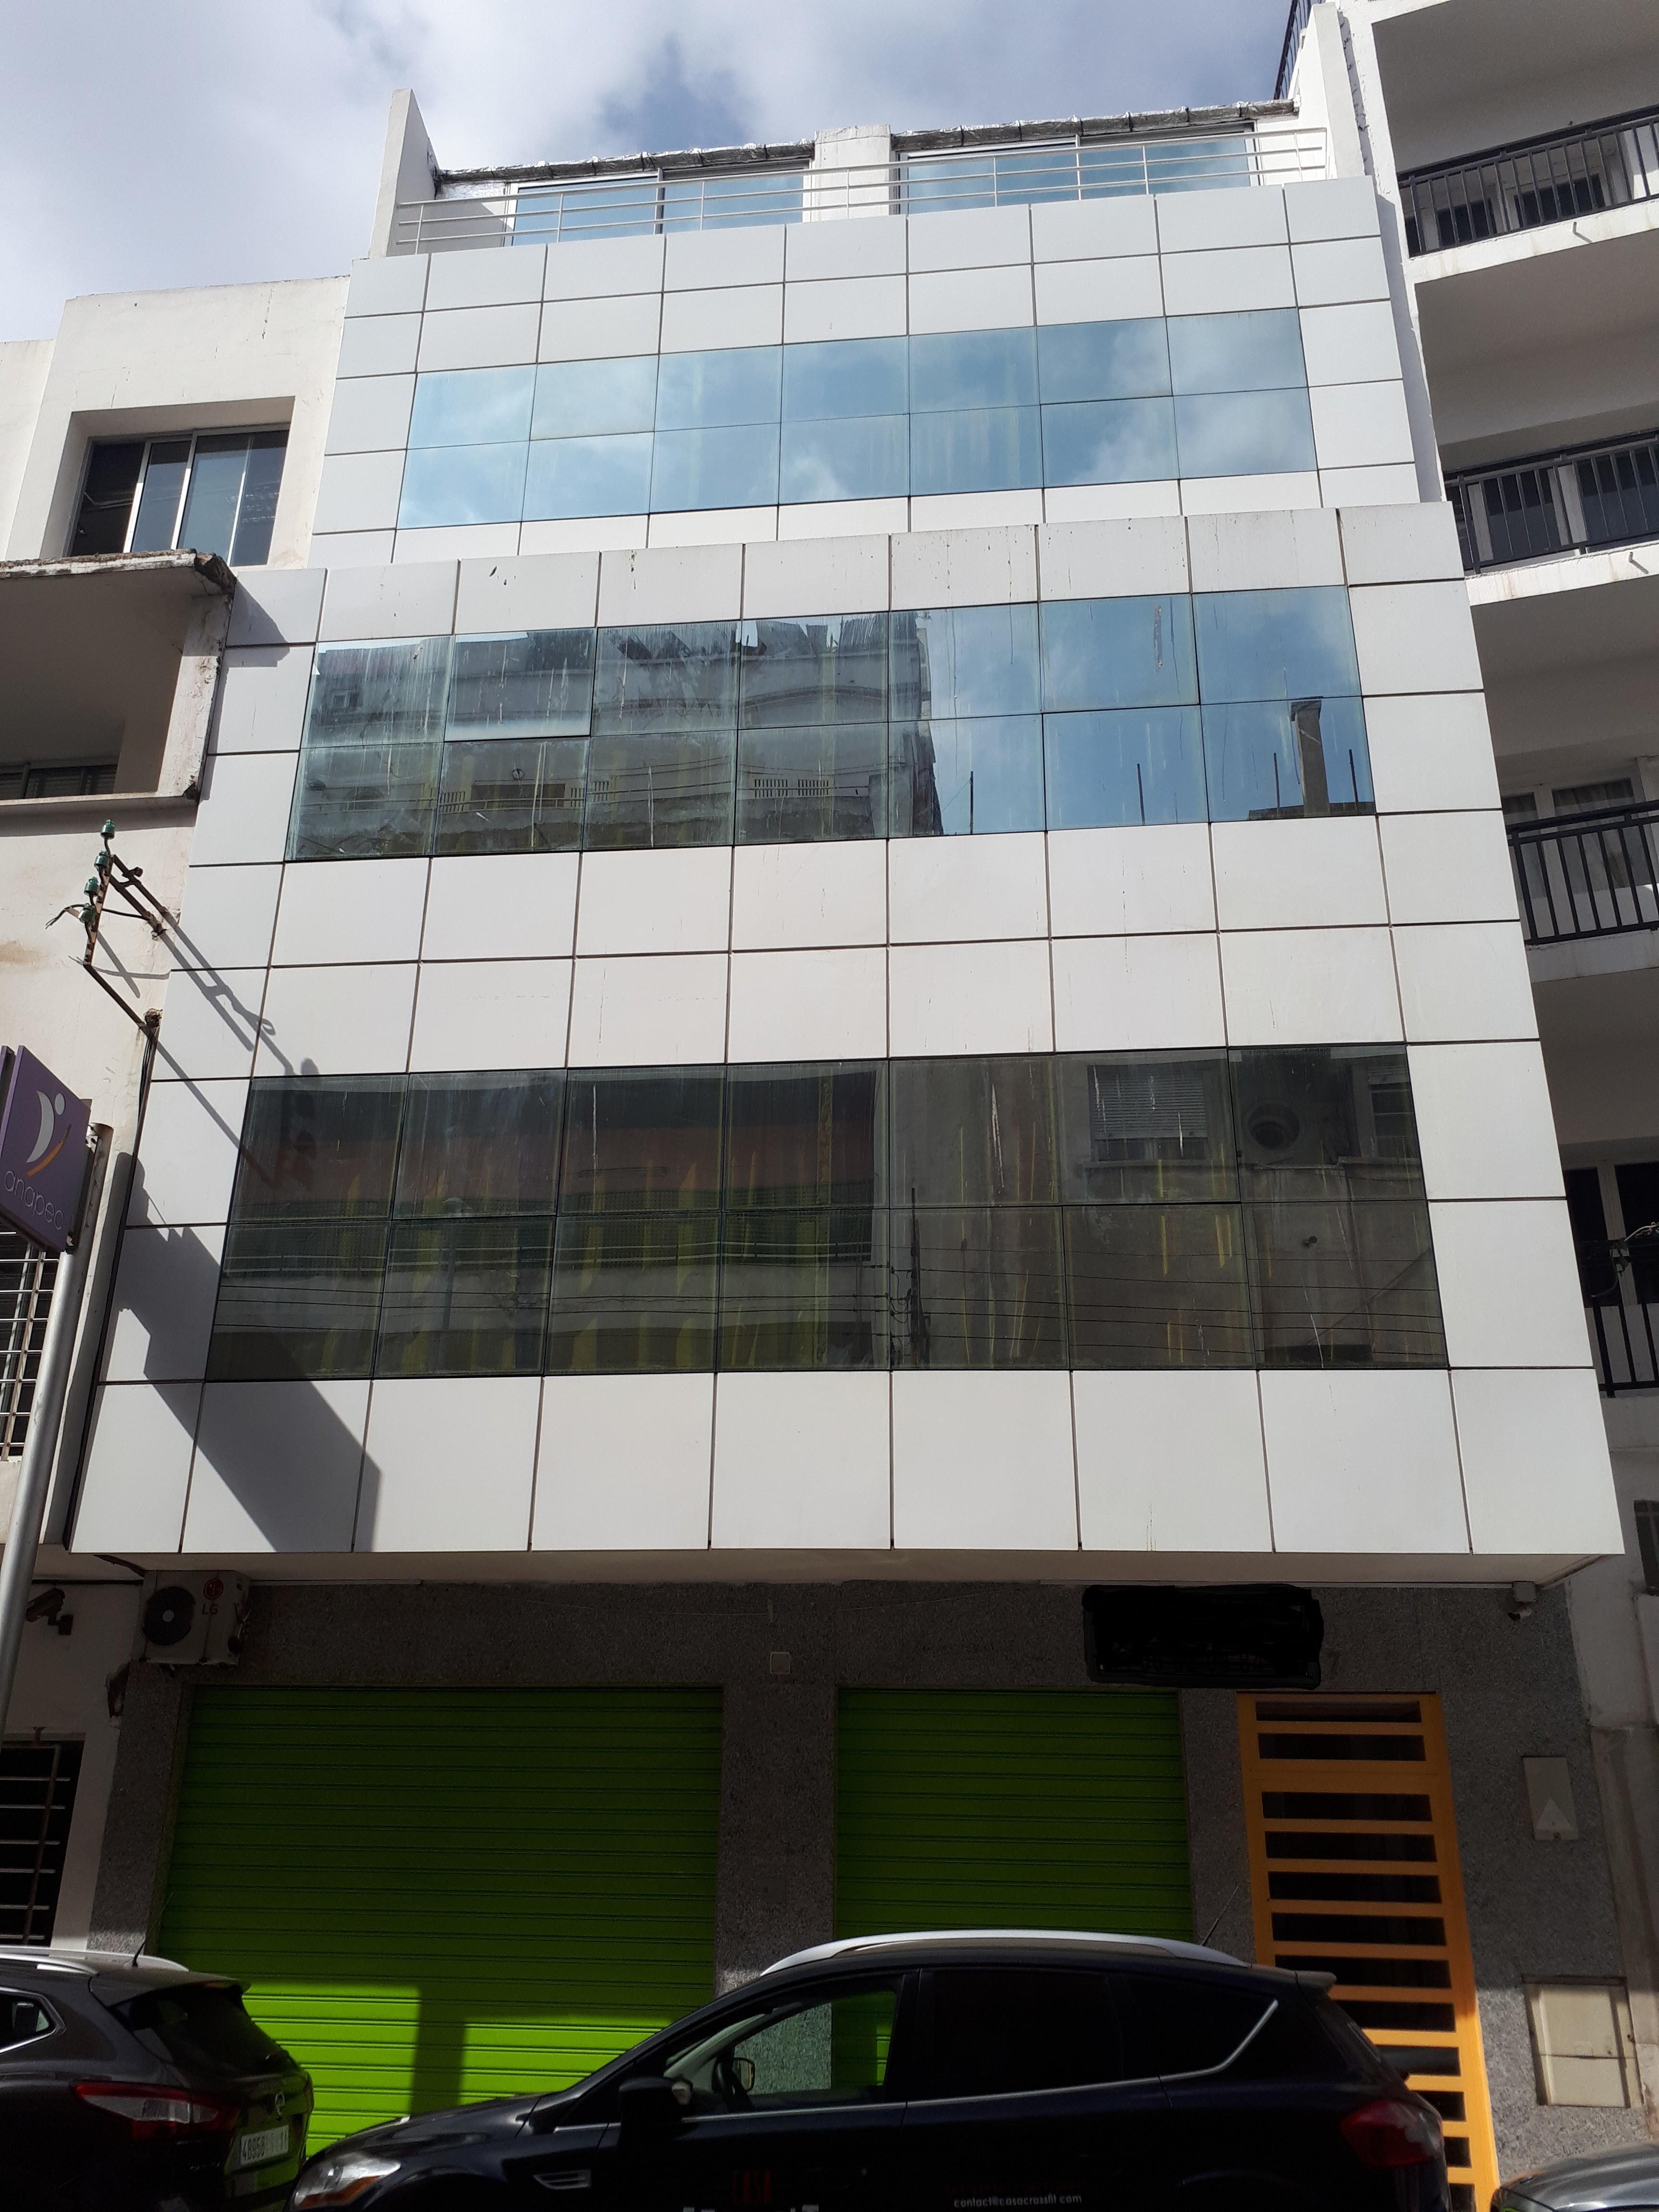 Vente <strong>Bureau</strong> Casablanca Centre Ville Casablanca <strong>360 m2</strong>